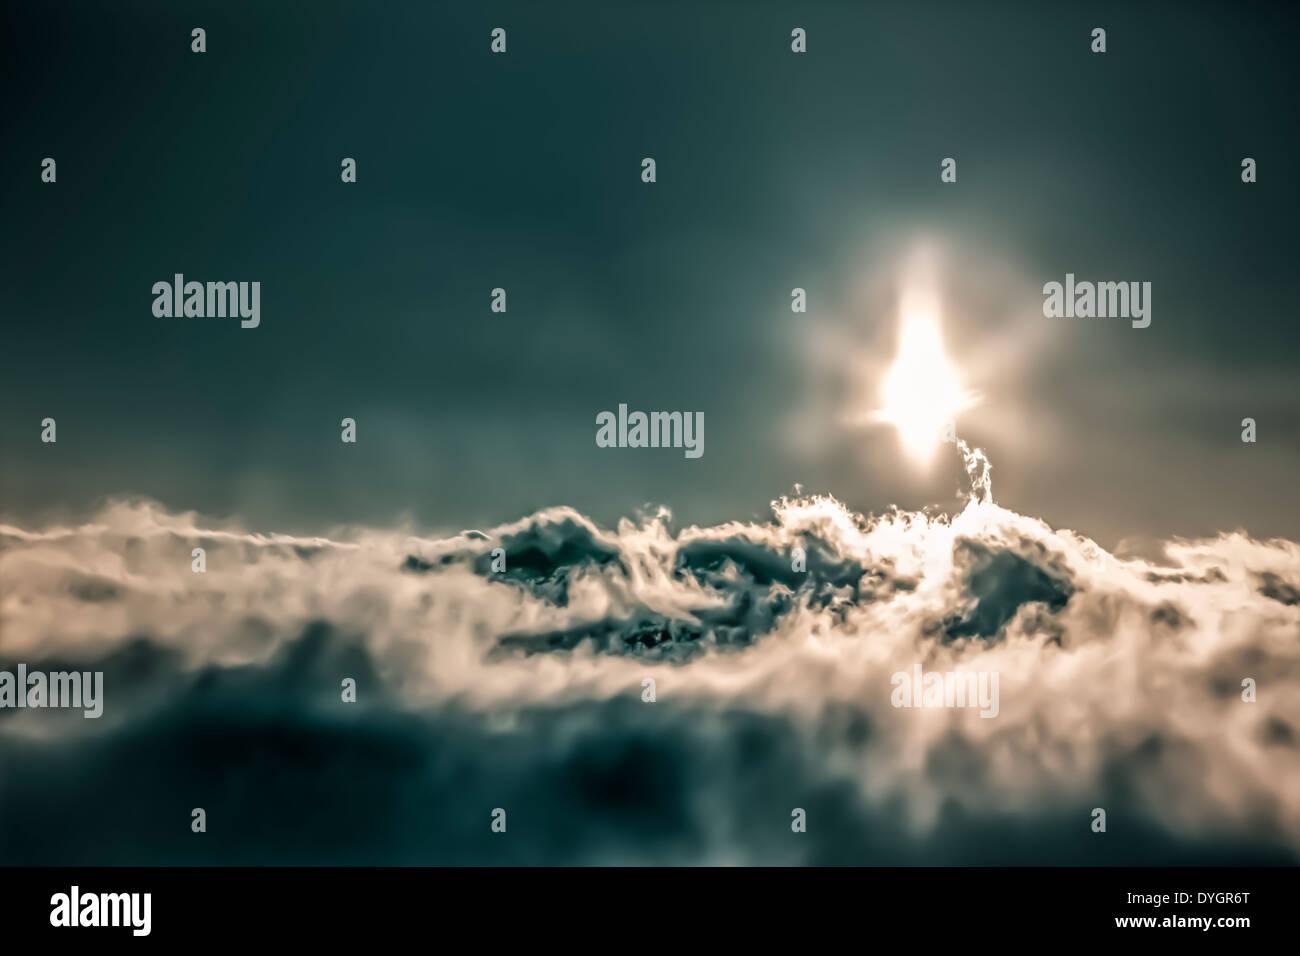 Abstrakte dunklen Himmel mit Sonne und Wolkengebilde. Stockbild